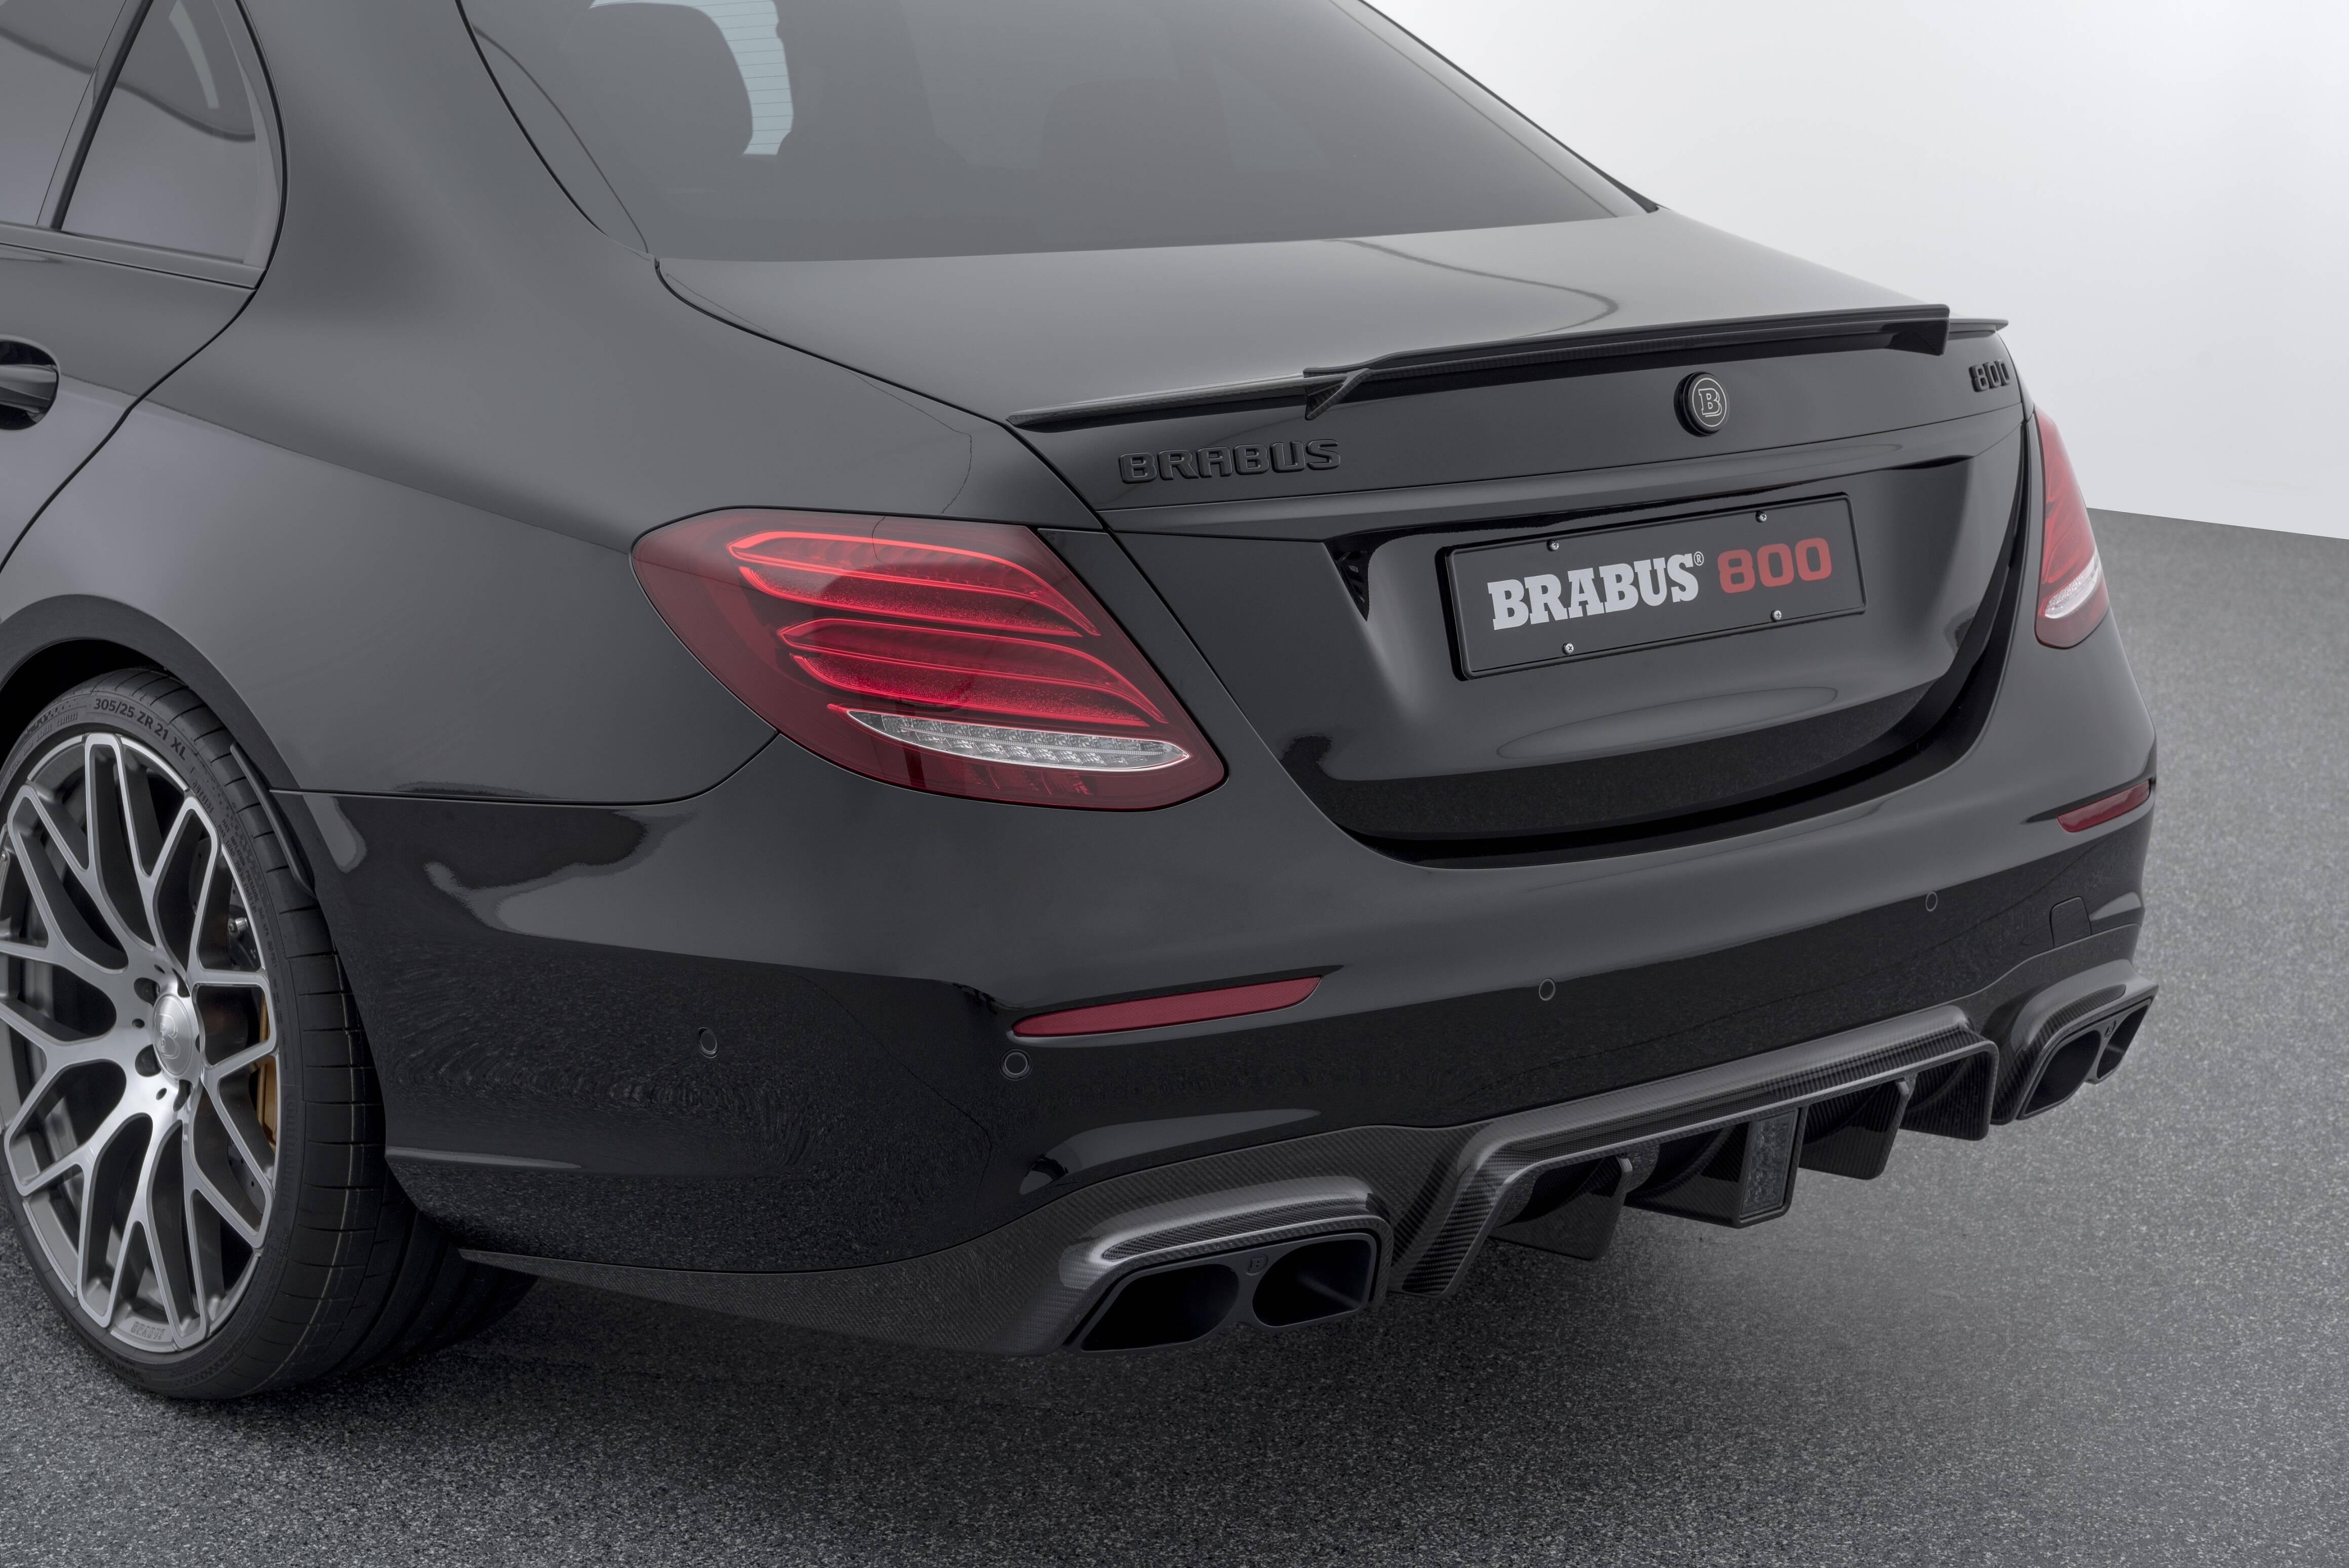 Mercedes-Benz E63 AMG Brabus 800. Foto: Divulgação